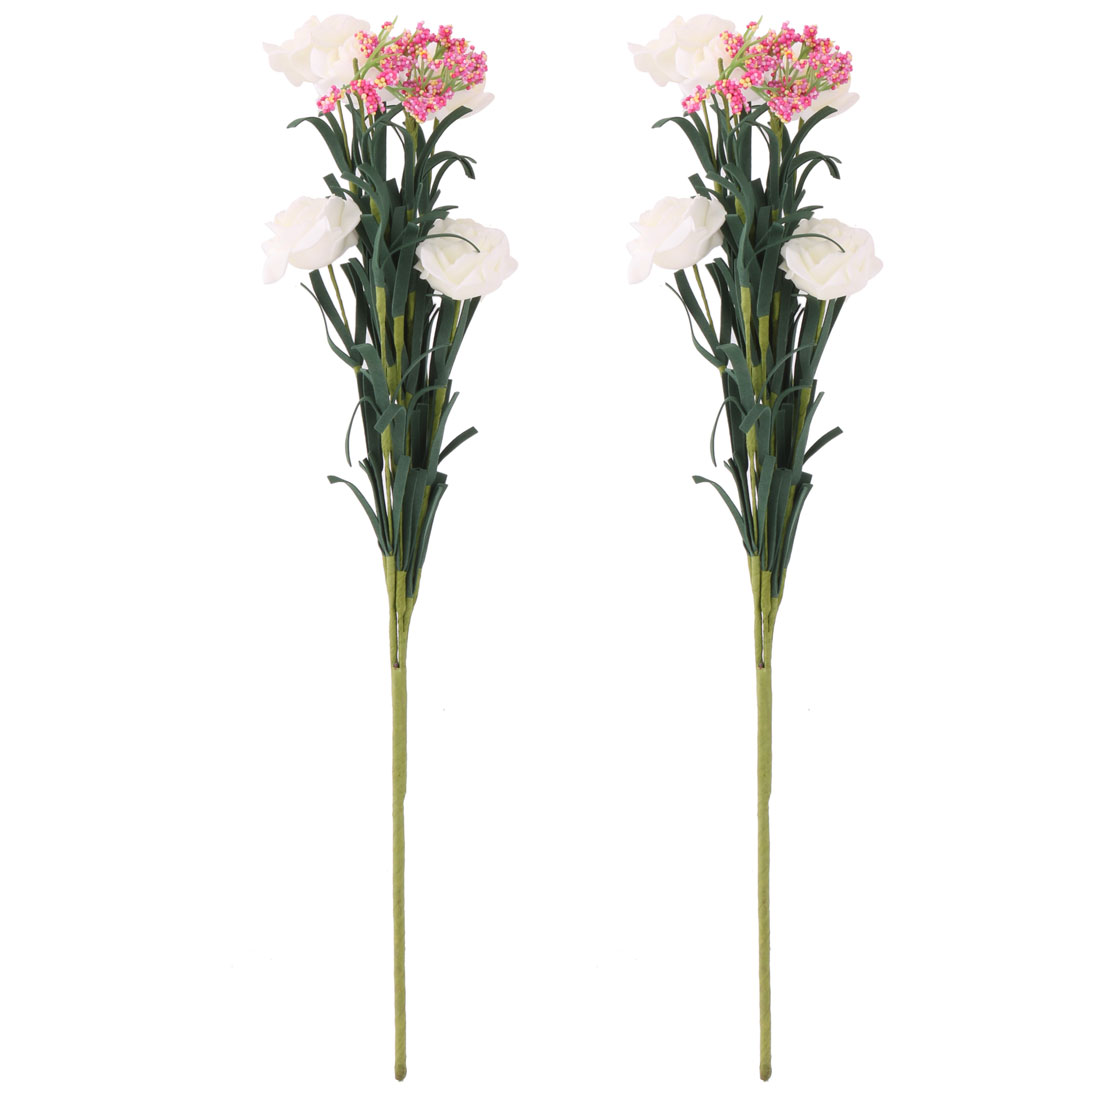 Bride Foam Artificial Rose Flower Photo Prop Handheld Bouquet Off White 2pcs